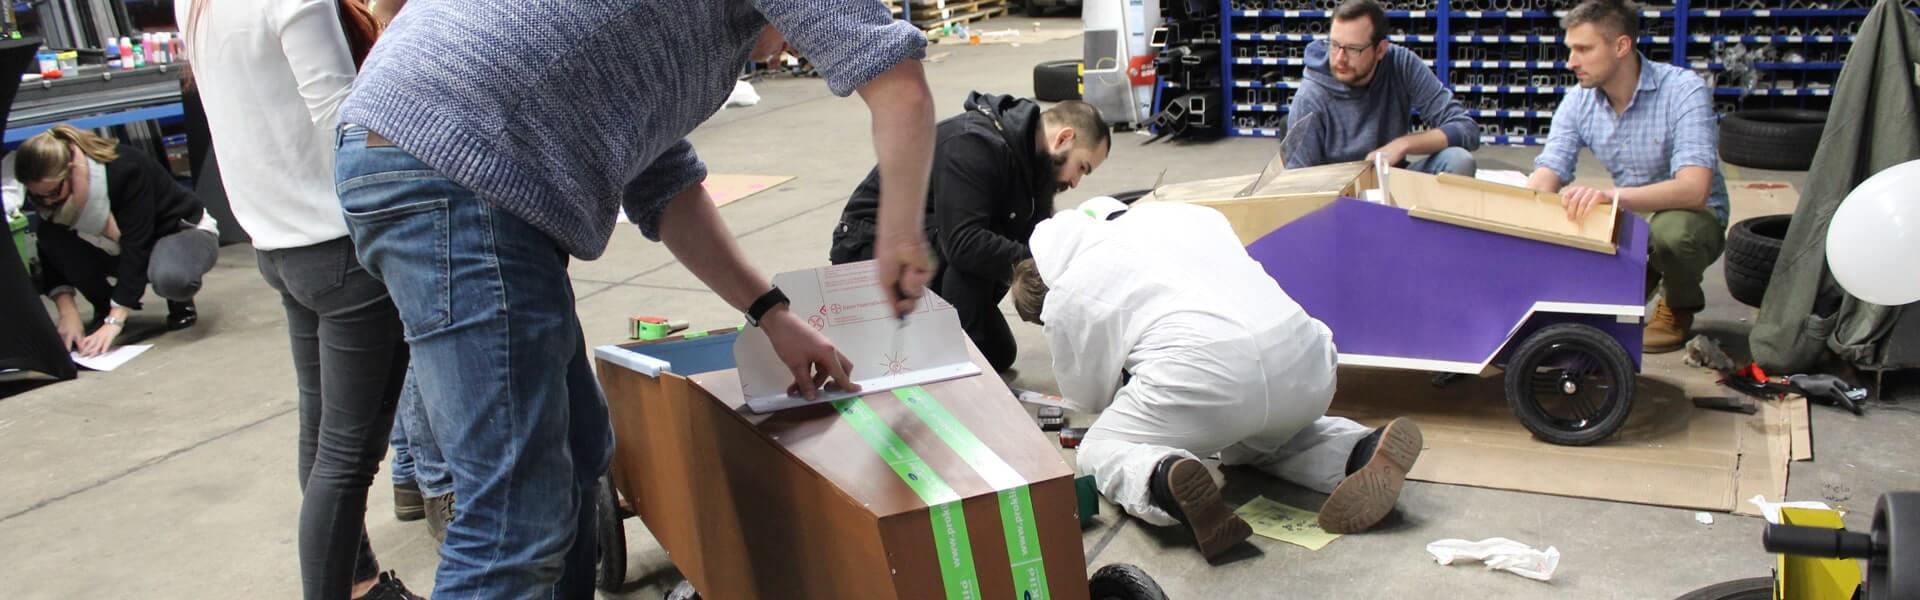 Seifenkisten Rennen mit b-ceed: Teambuilding Event bundesweit